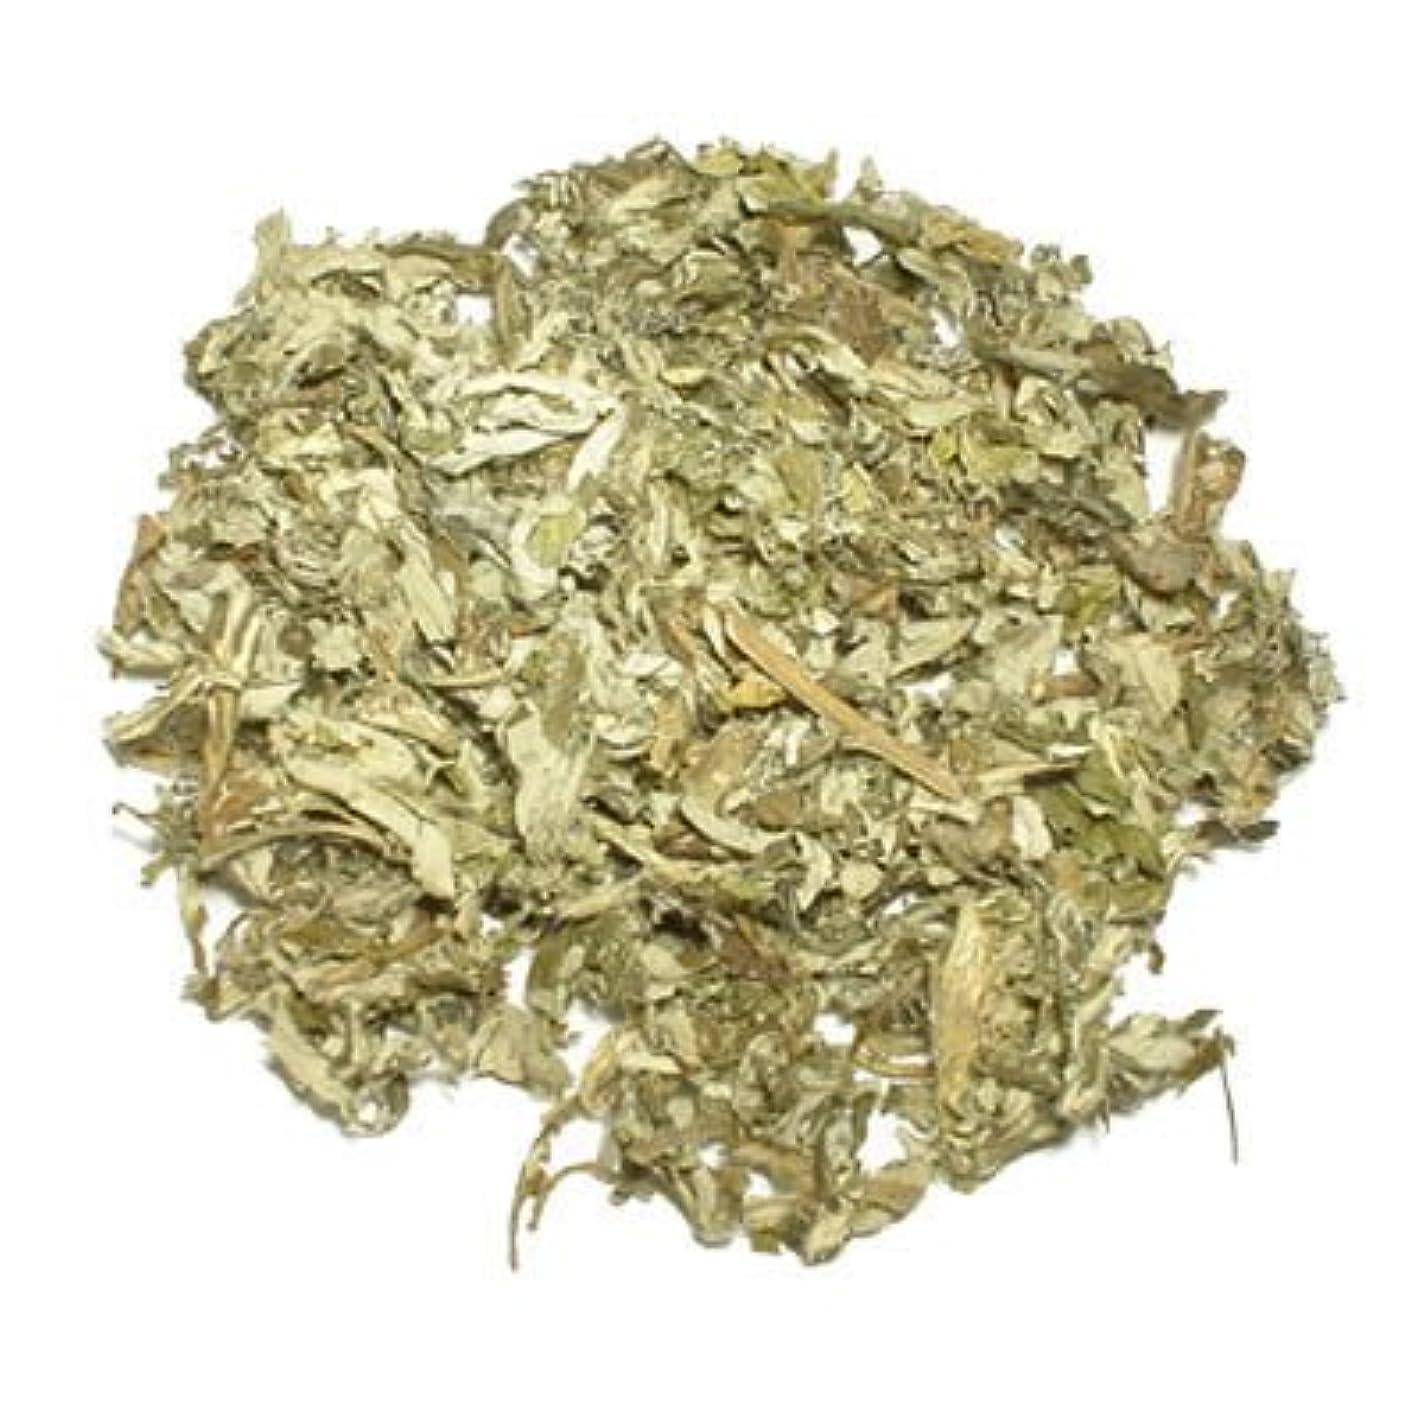 槍何よりも踊り子ヨモギ業務用 500g 蓬茶 本場韓国産ヨモギ 葉(地上部 主に葉)100% 乾燥よもぎ茶 よもぎ風呂 ヨモギ蒸し